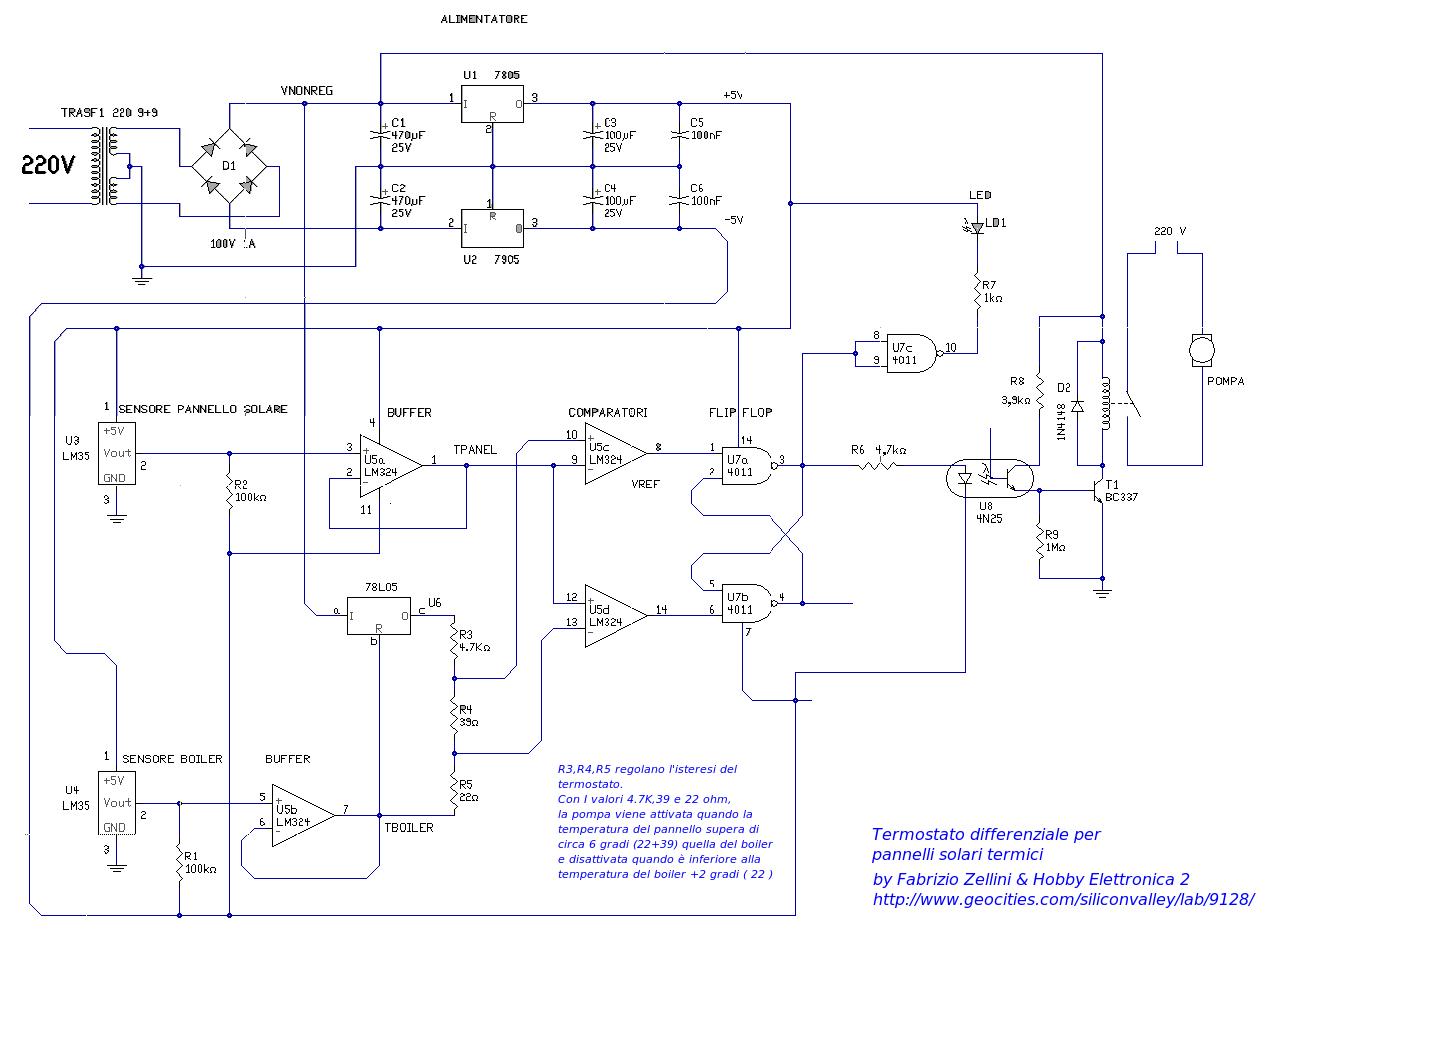 Schema Elettrico Termostato Frigo : Schema elettrico differenziale fare di una mosca